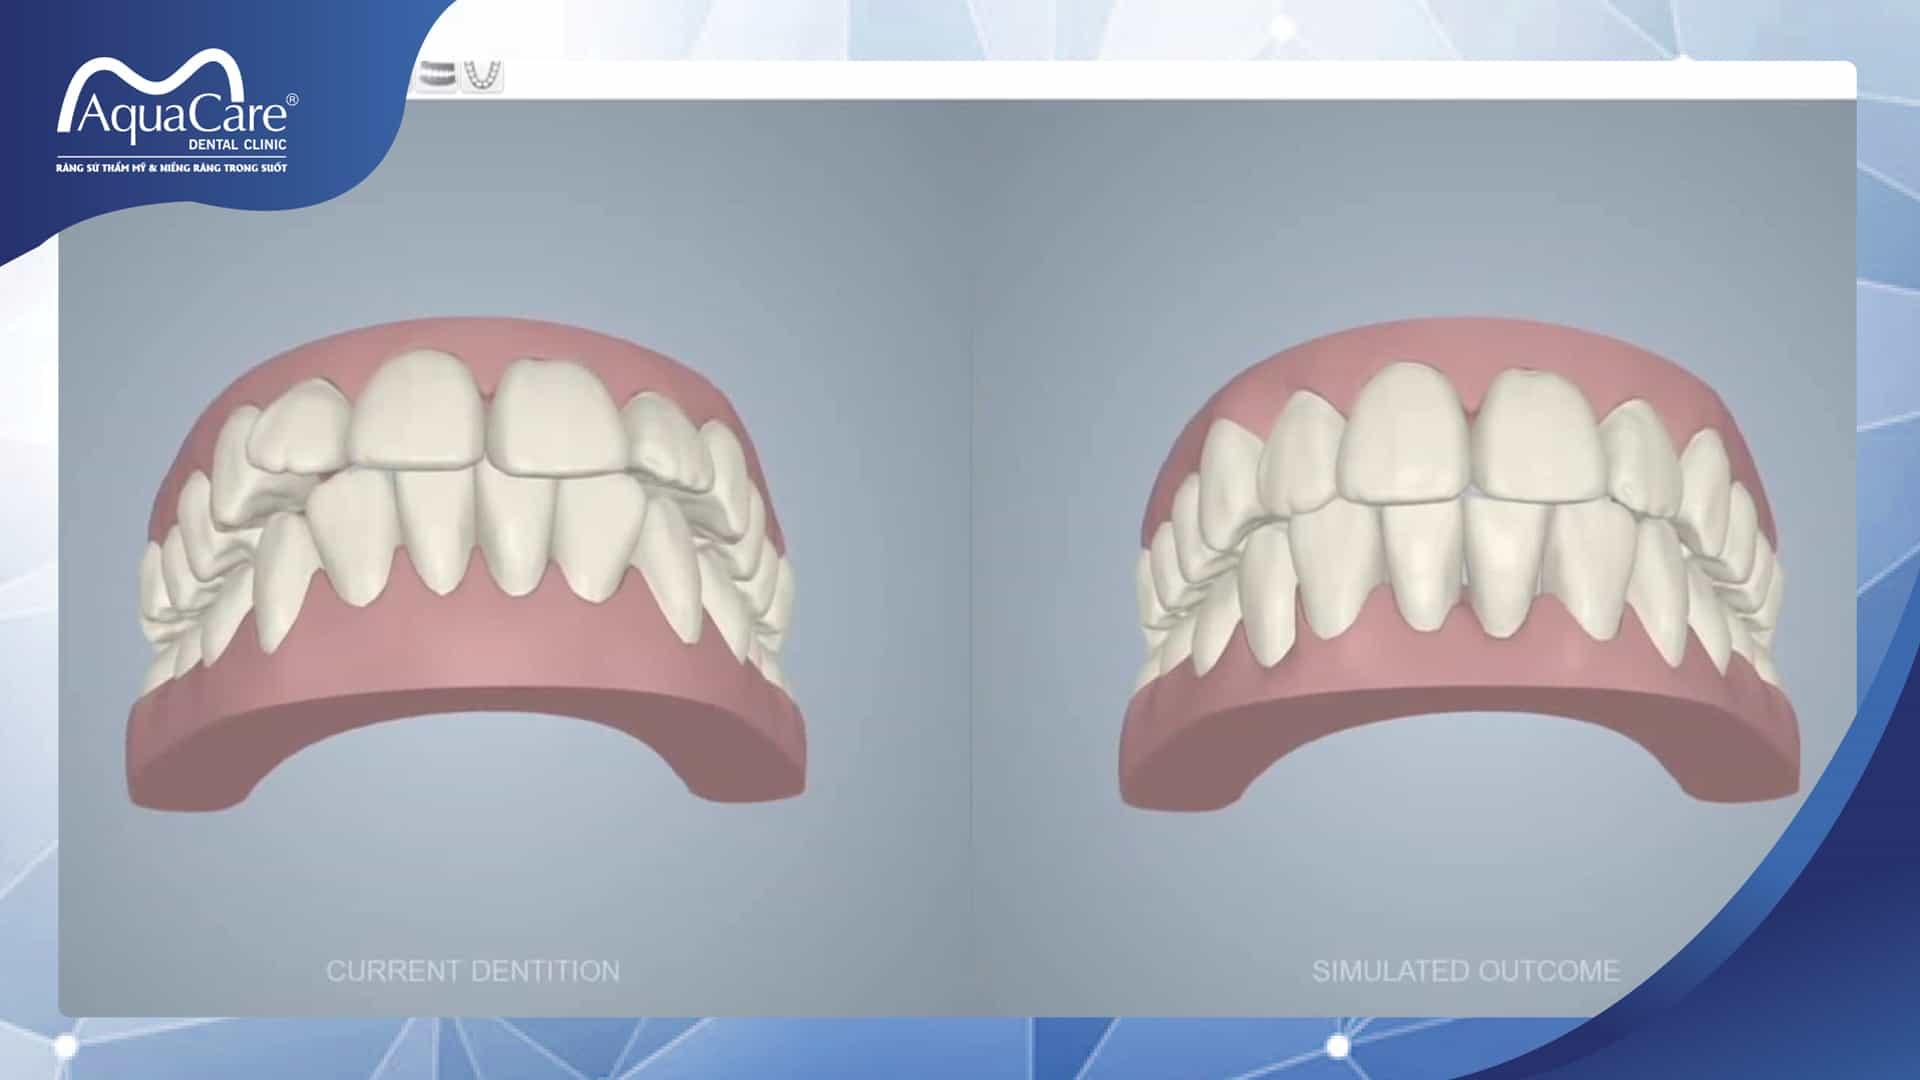 thấy trước kết quả điều trị với niềng răng không mắc cài